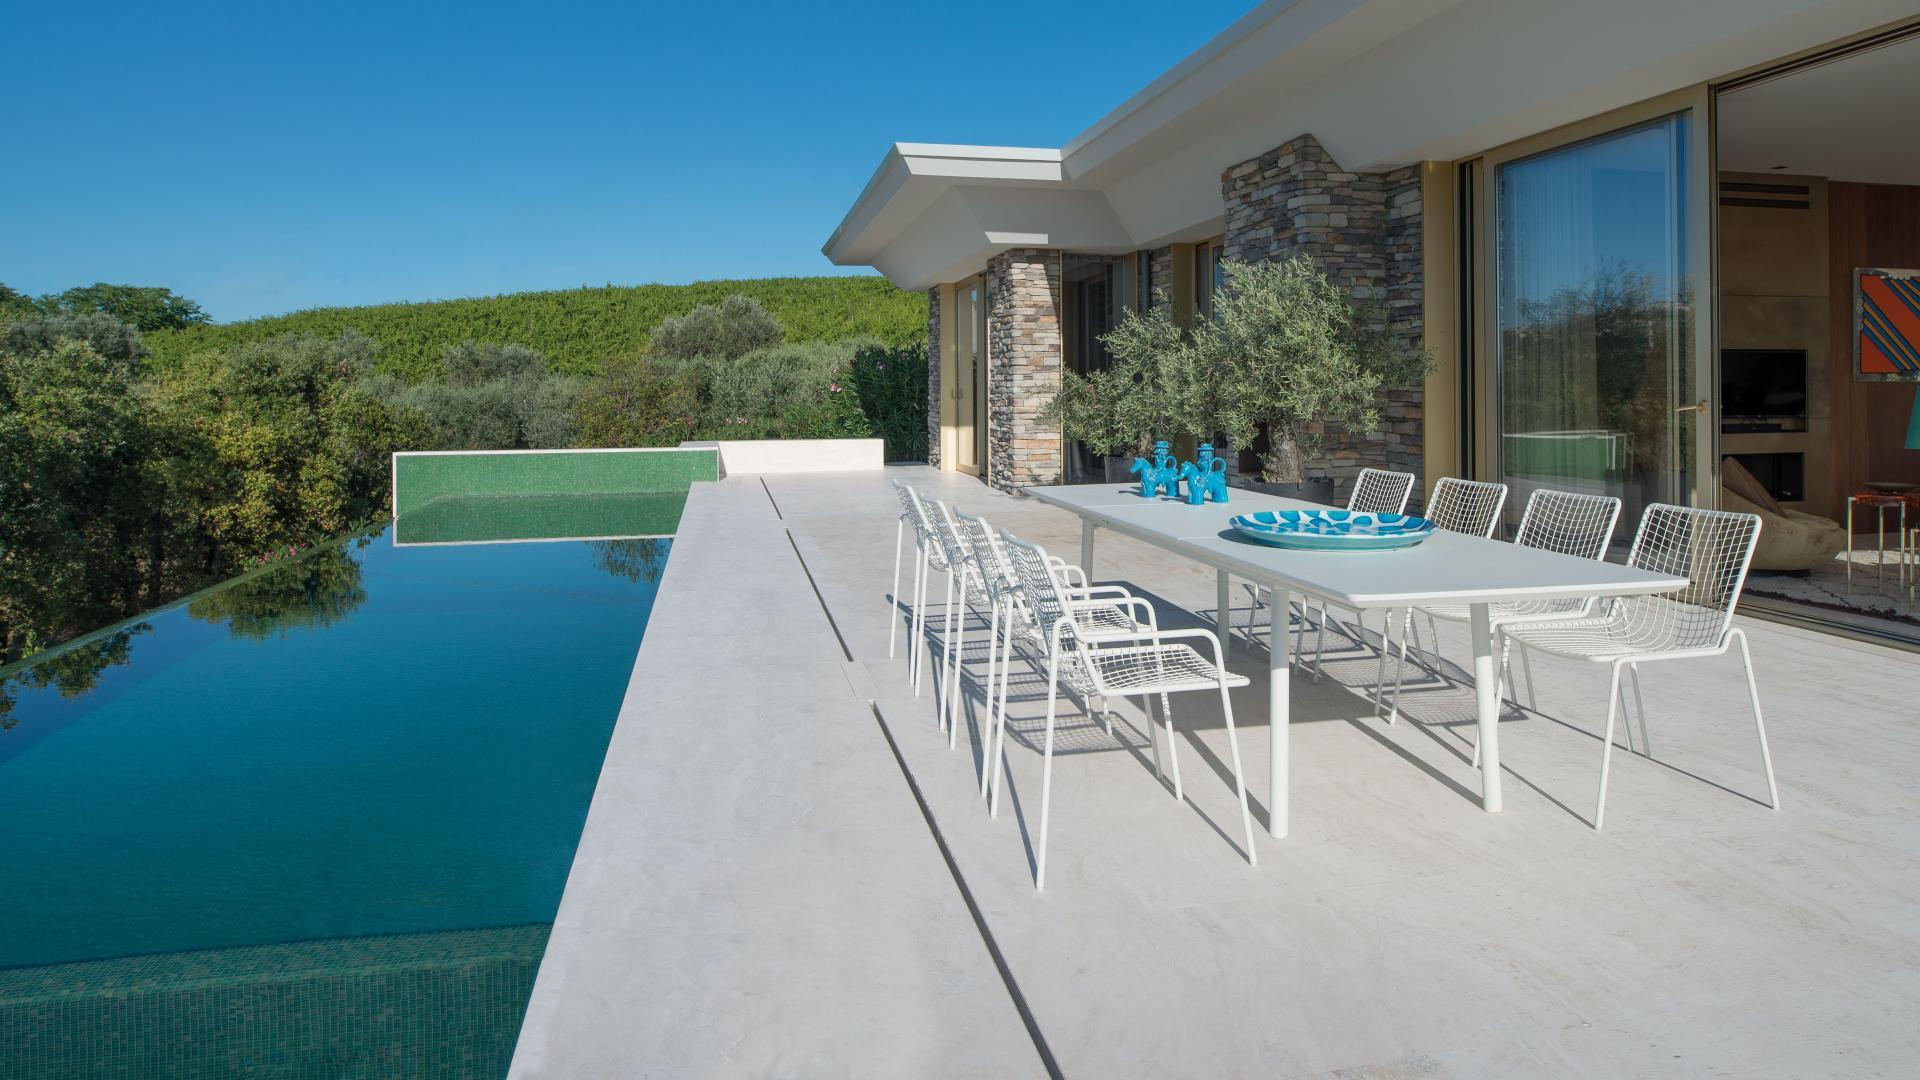 Tuinset wit design tuinmeubelen Rio R50 wit